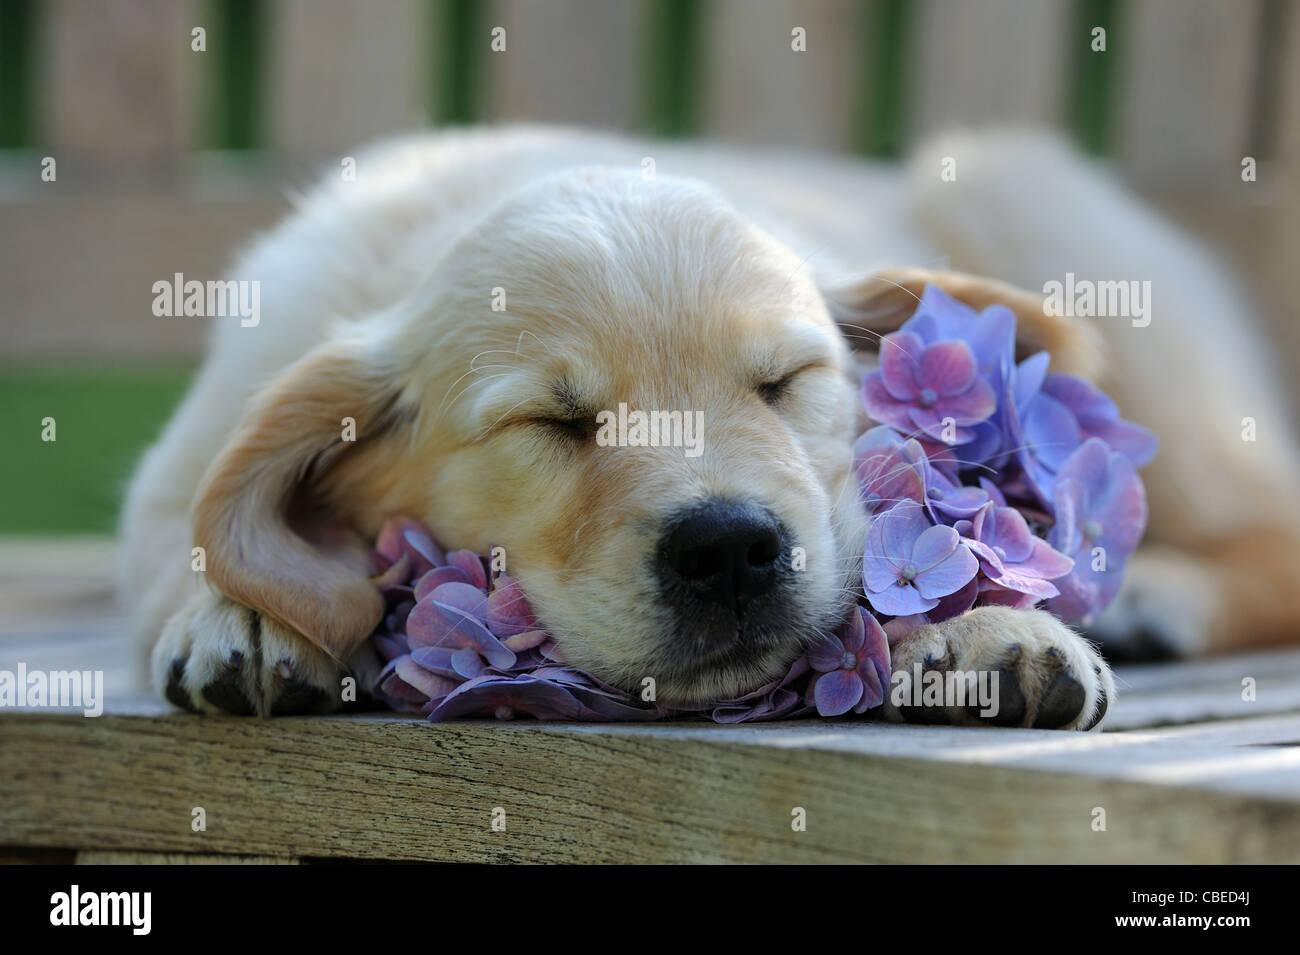 Golden Retriever (Canis lupus familiaris). Cucciolo di dormire su un ortensie blu fiore. Immagini Stock